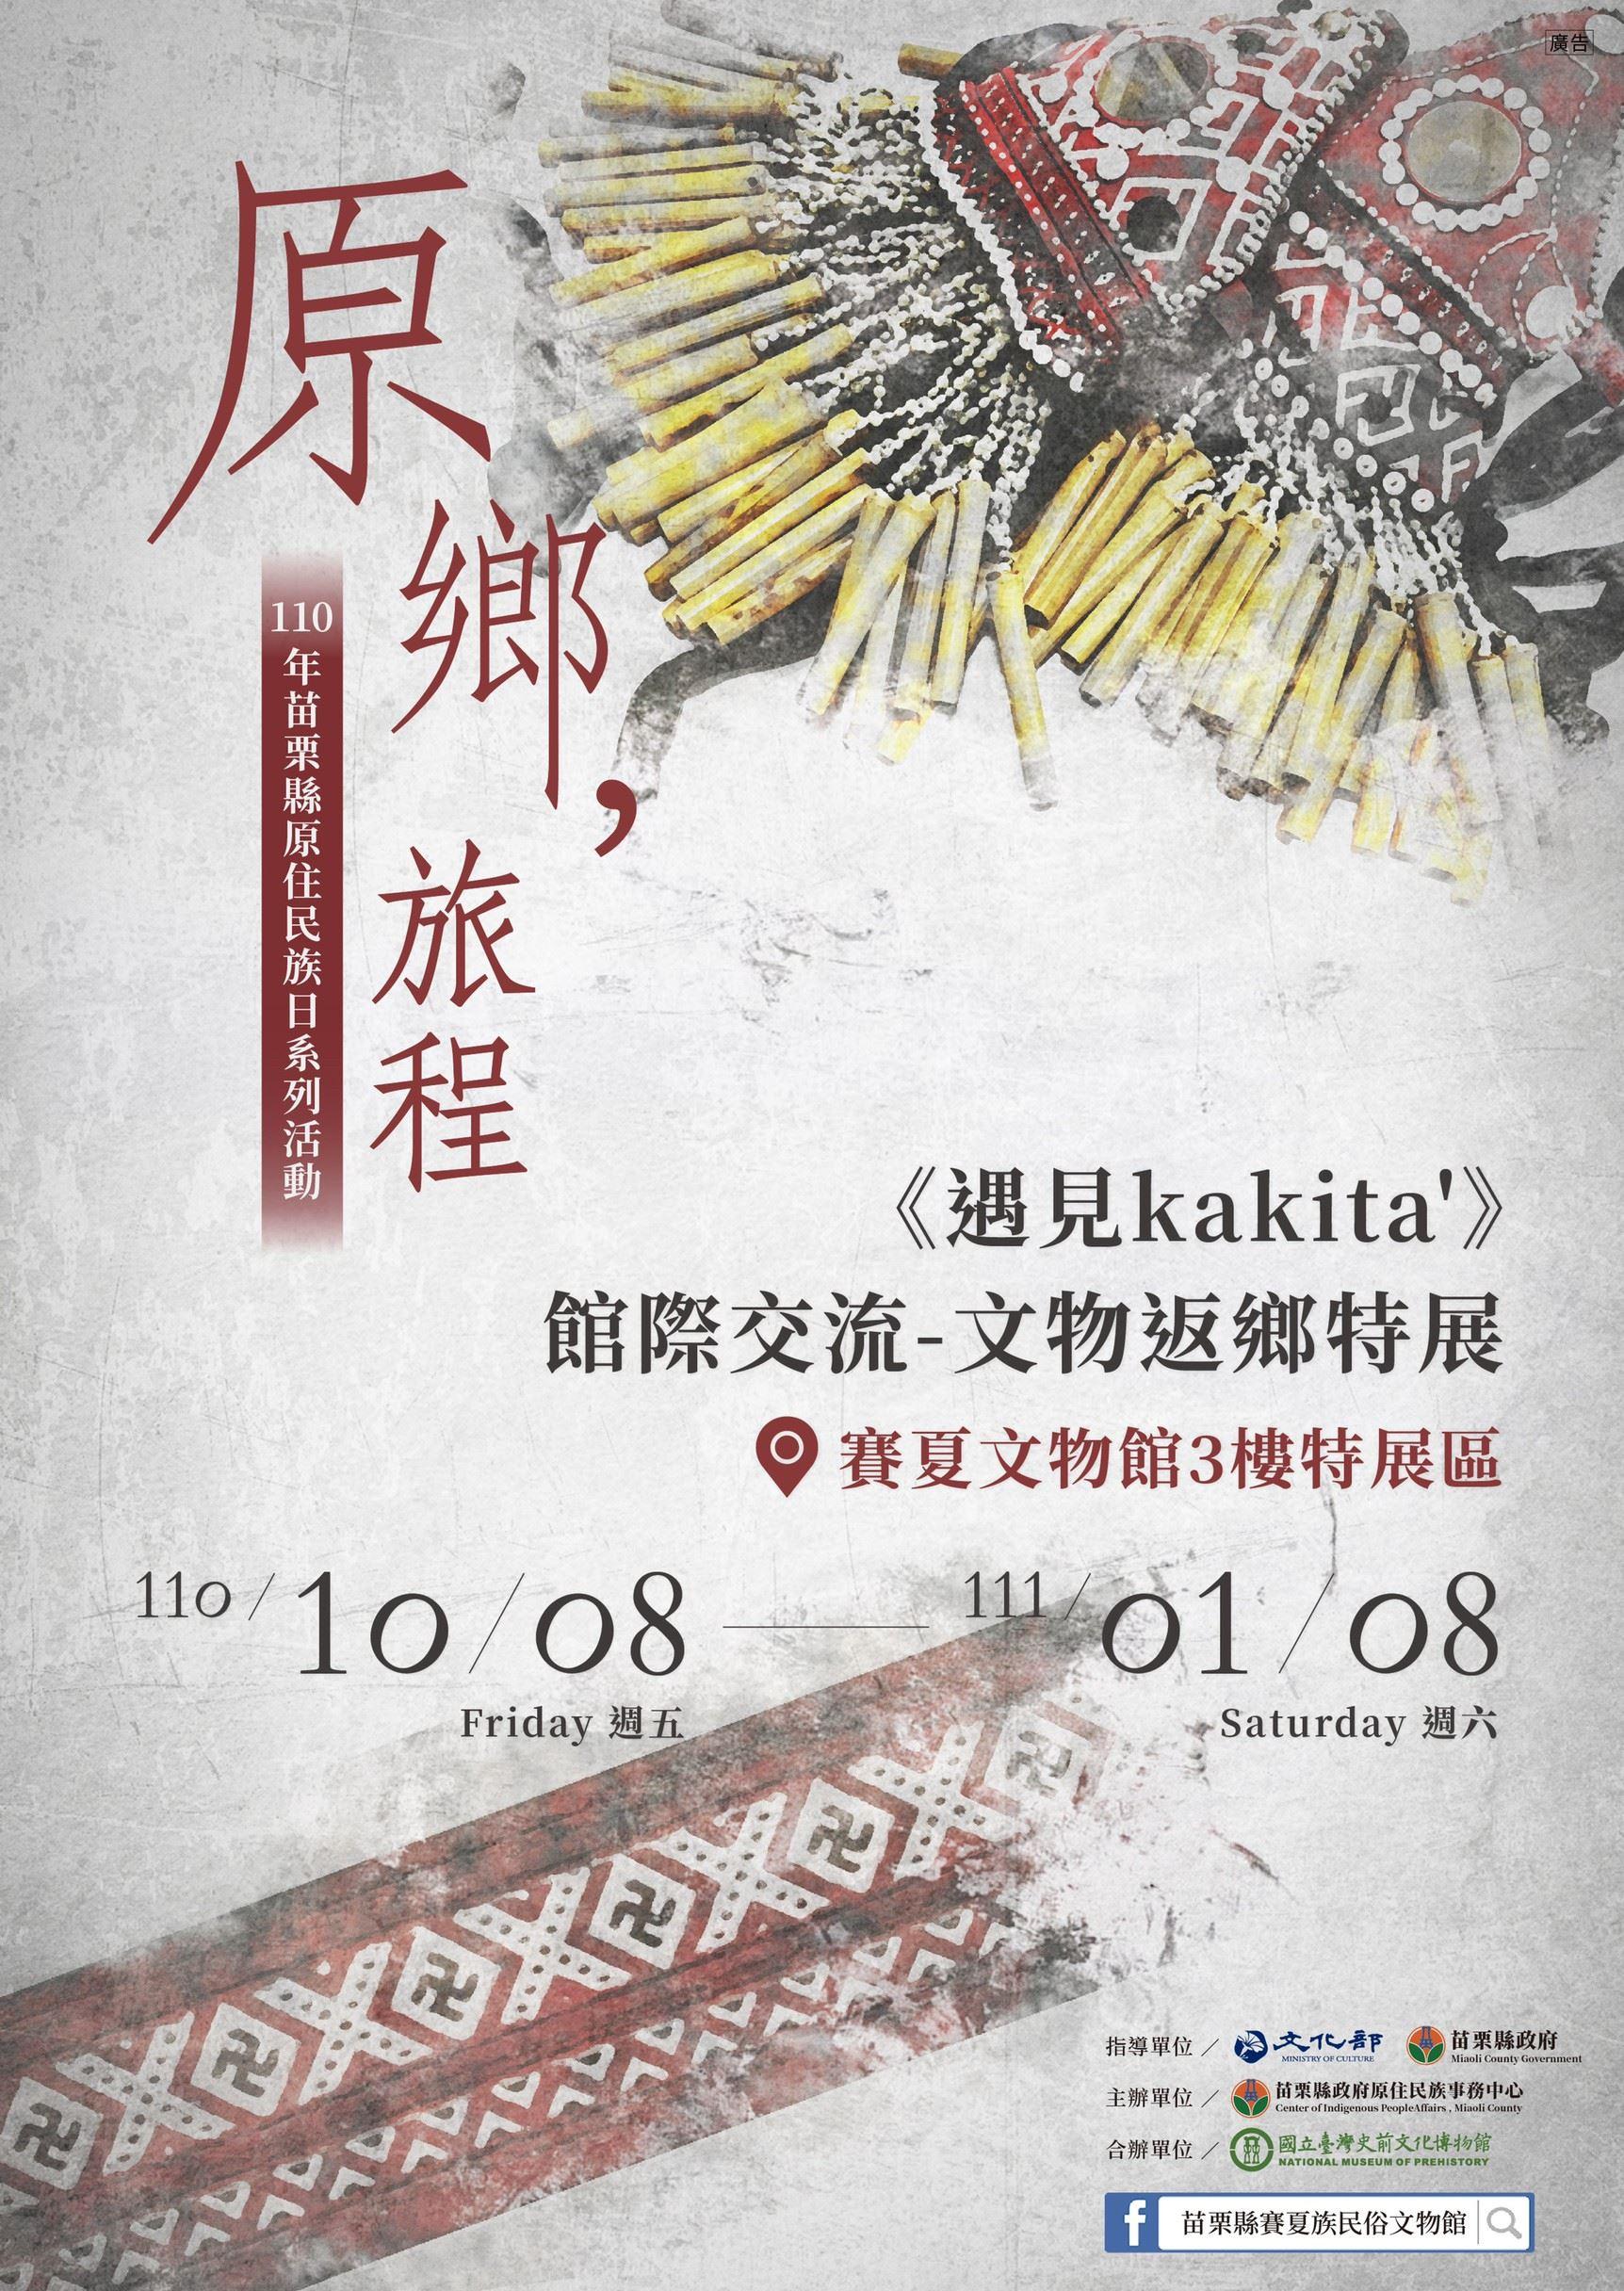 「原鄉·旅程」系列.館際交流-文物返鄉特展 《遇見kakita'》